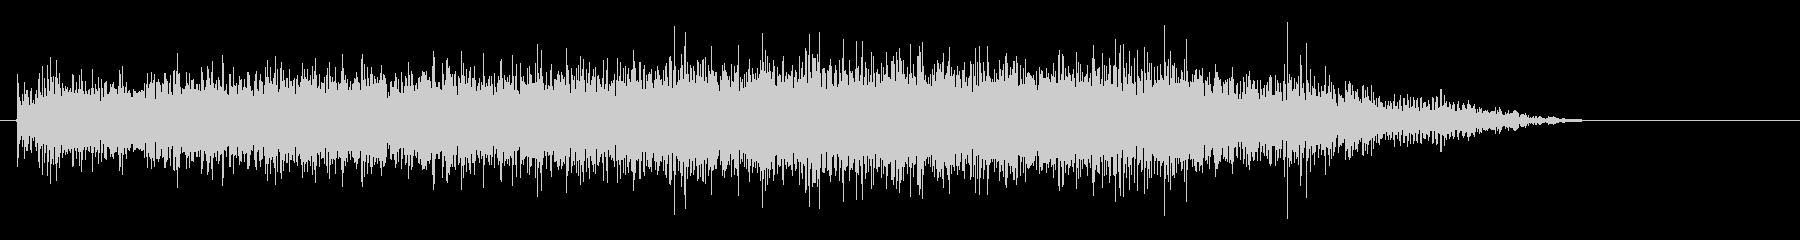 フードプロセッサー(オン、実行、オフ)の未再生の波形